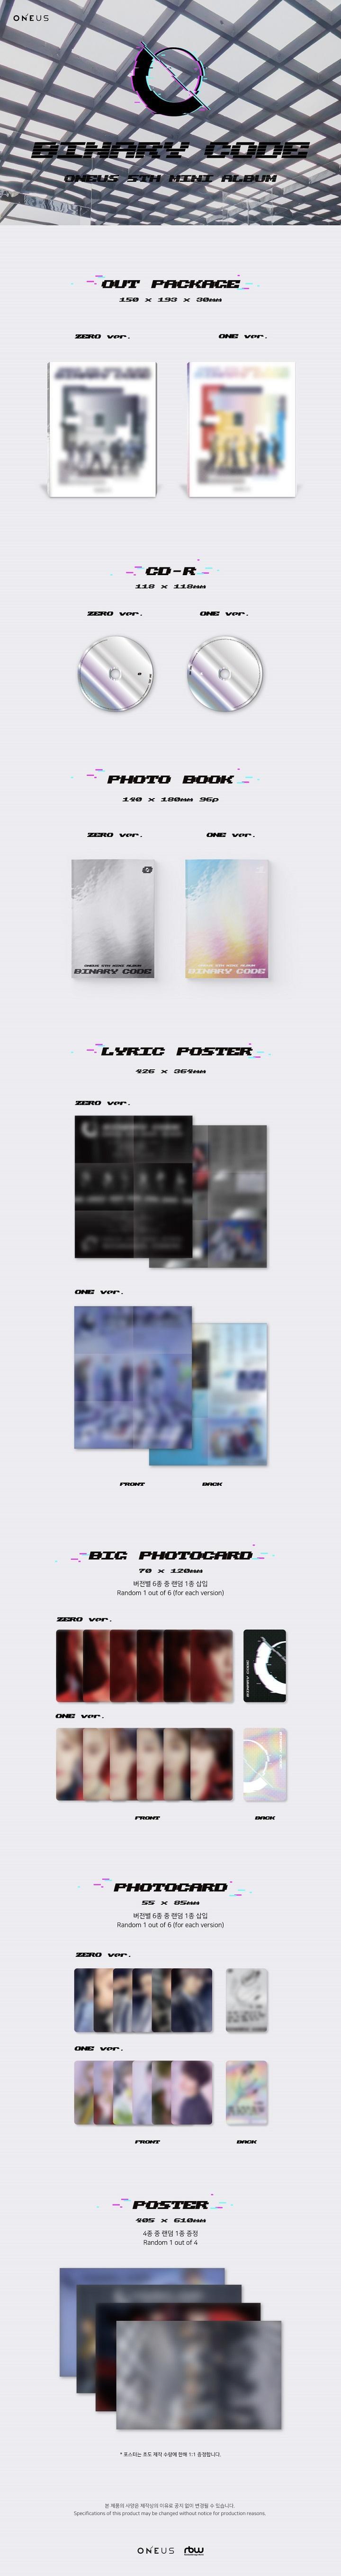 ONEUS - 5th Mini [BINARY CODE] (ONE Ver.)